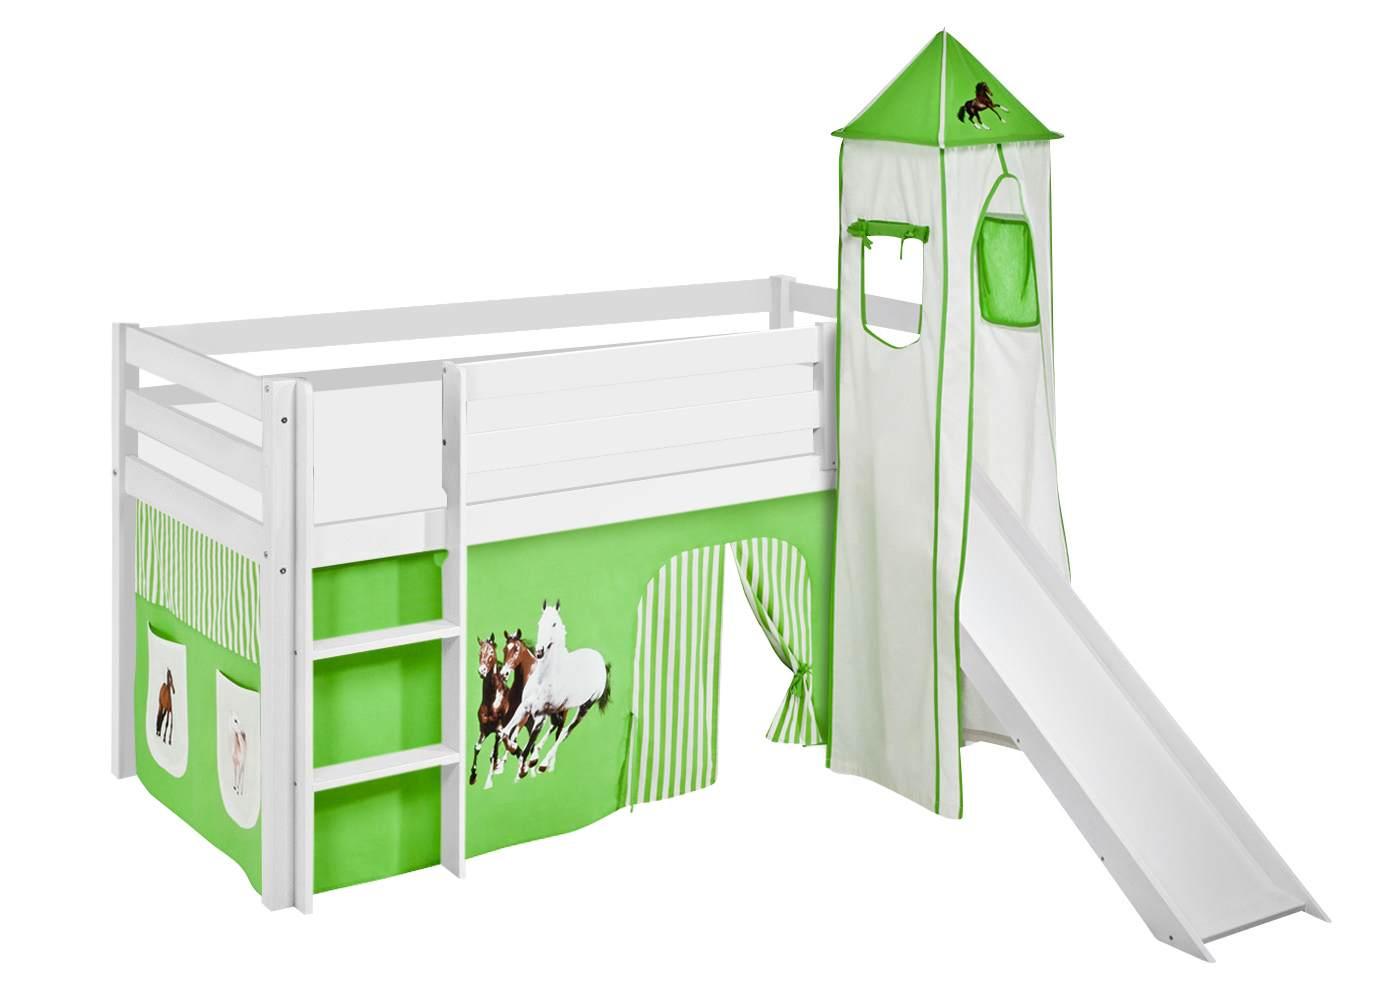 Lilokids 'Jelle' Spielbett 90 x 200 cm, Pferde Grün Beige, Kiefer massiv, mit Turm, Rutsche und Vorhang Bild 1